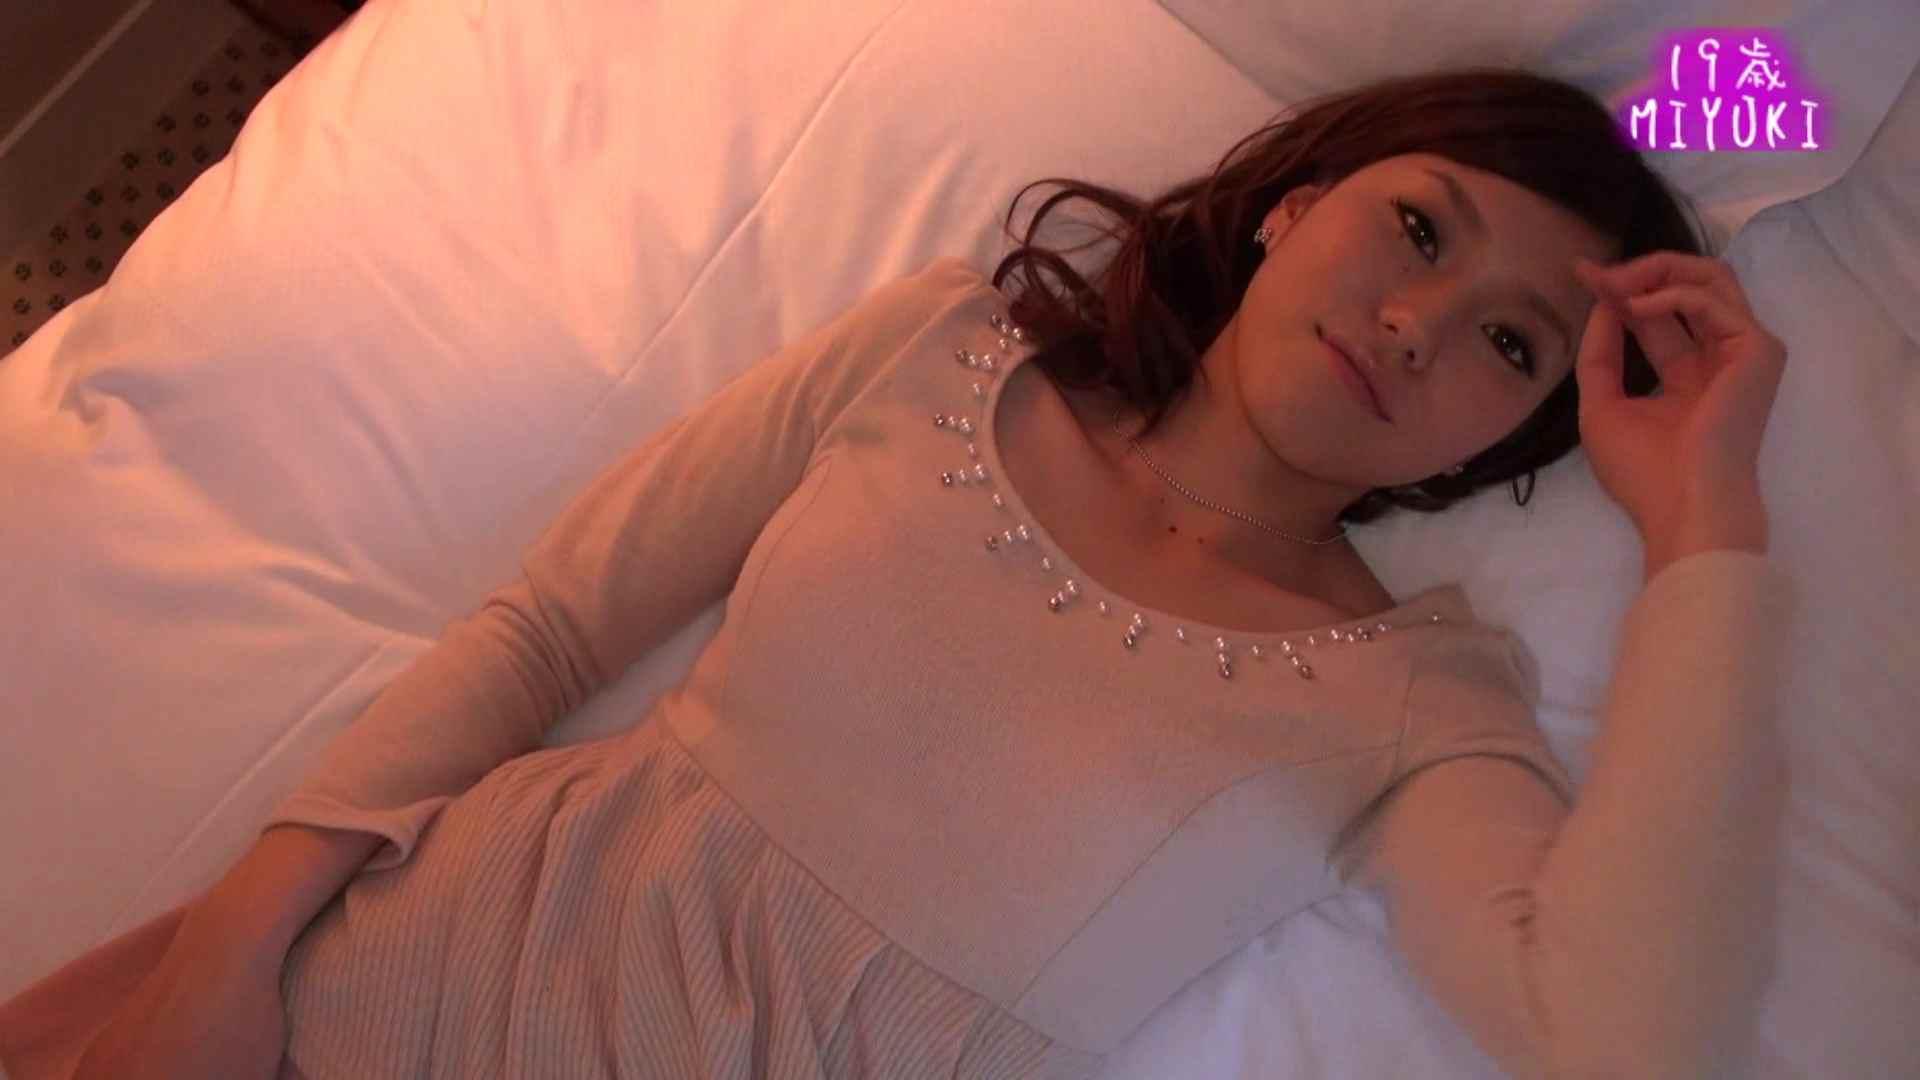 カメラテストを兼ねて、MIYUKIちゃんのイメージ撮影 メーカー直接買い取り  88連発 63